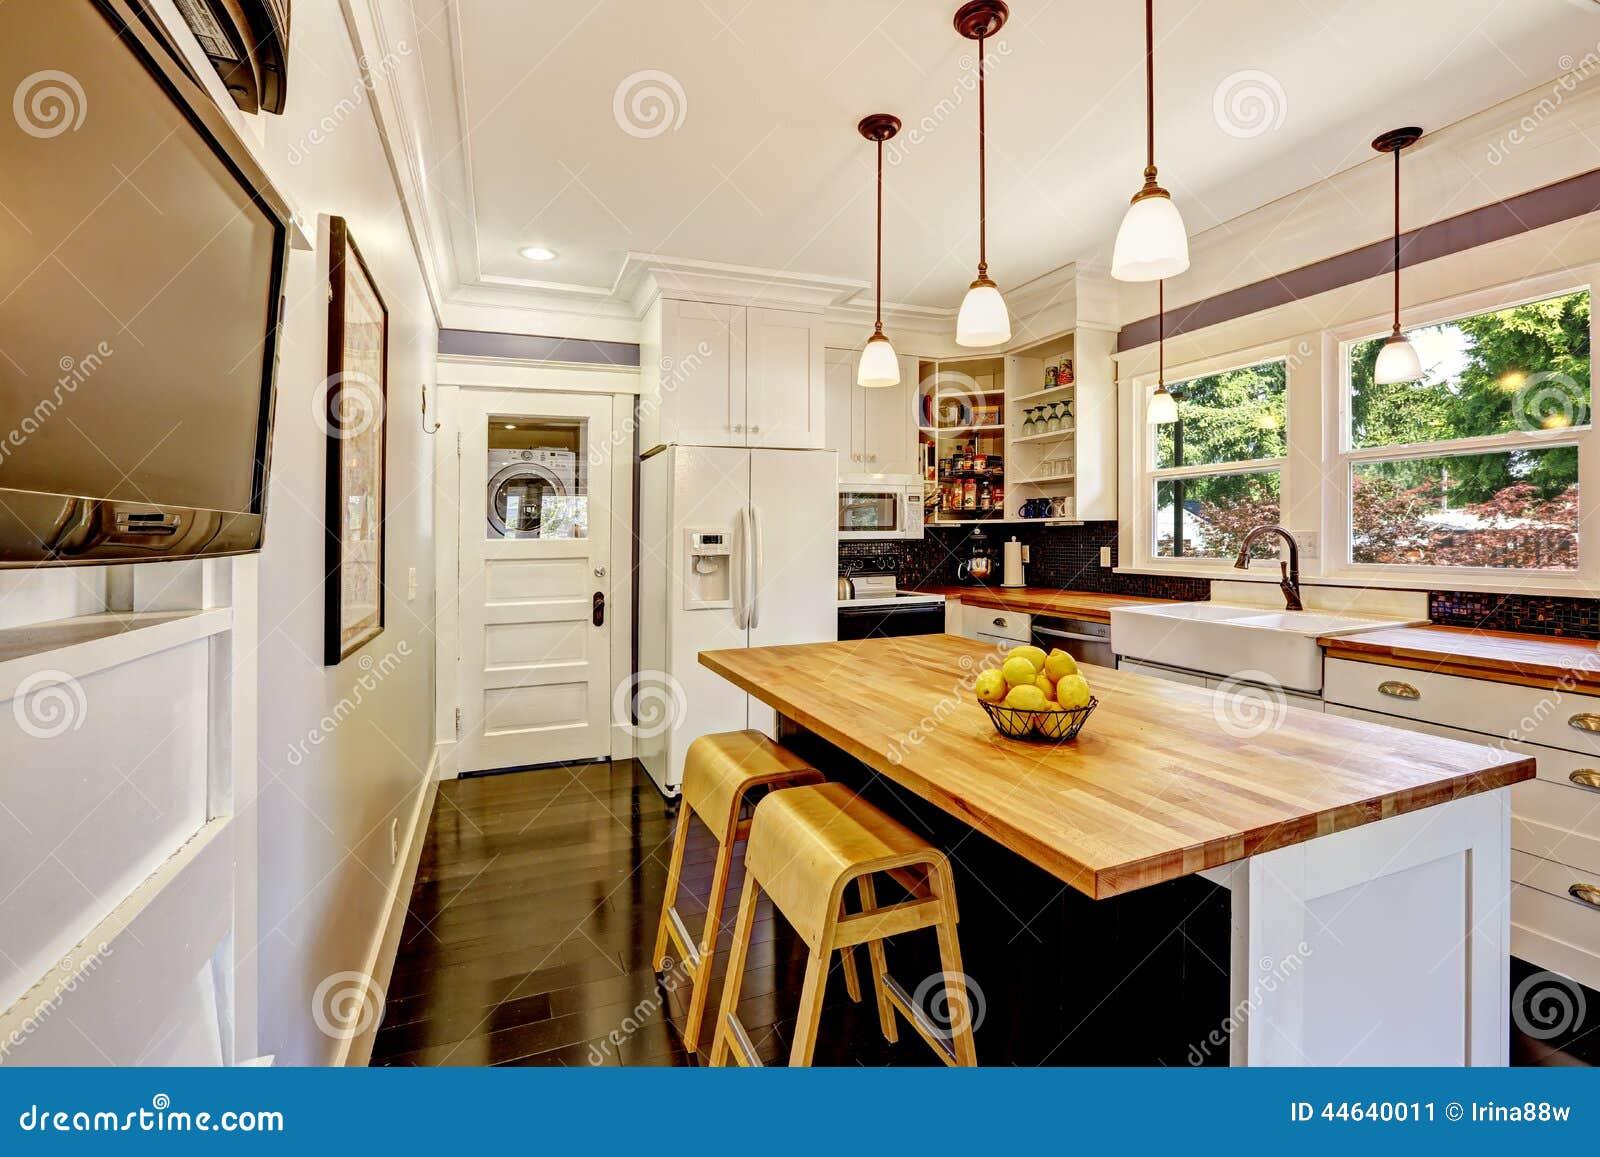 Cuisine blanche avec plan de travail bois cuisine moderne - Quel plan de travail avec cuisine blanche ...